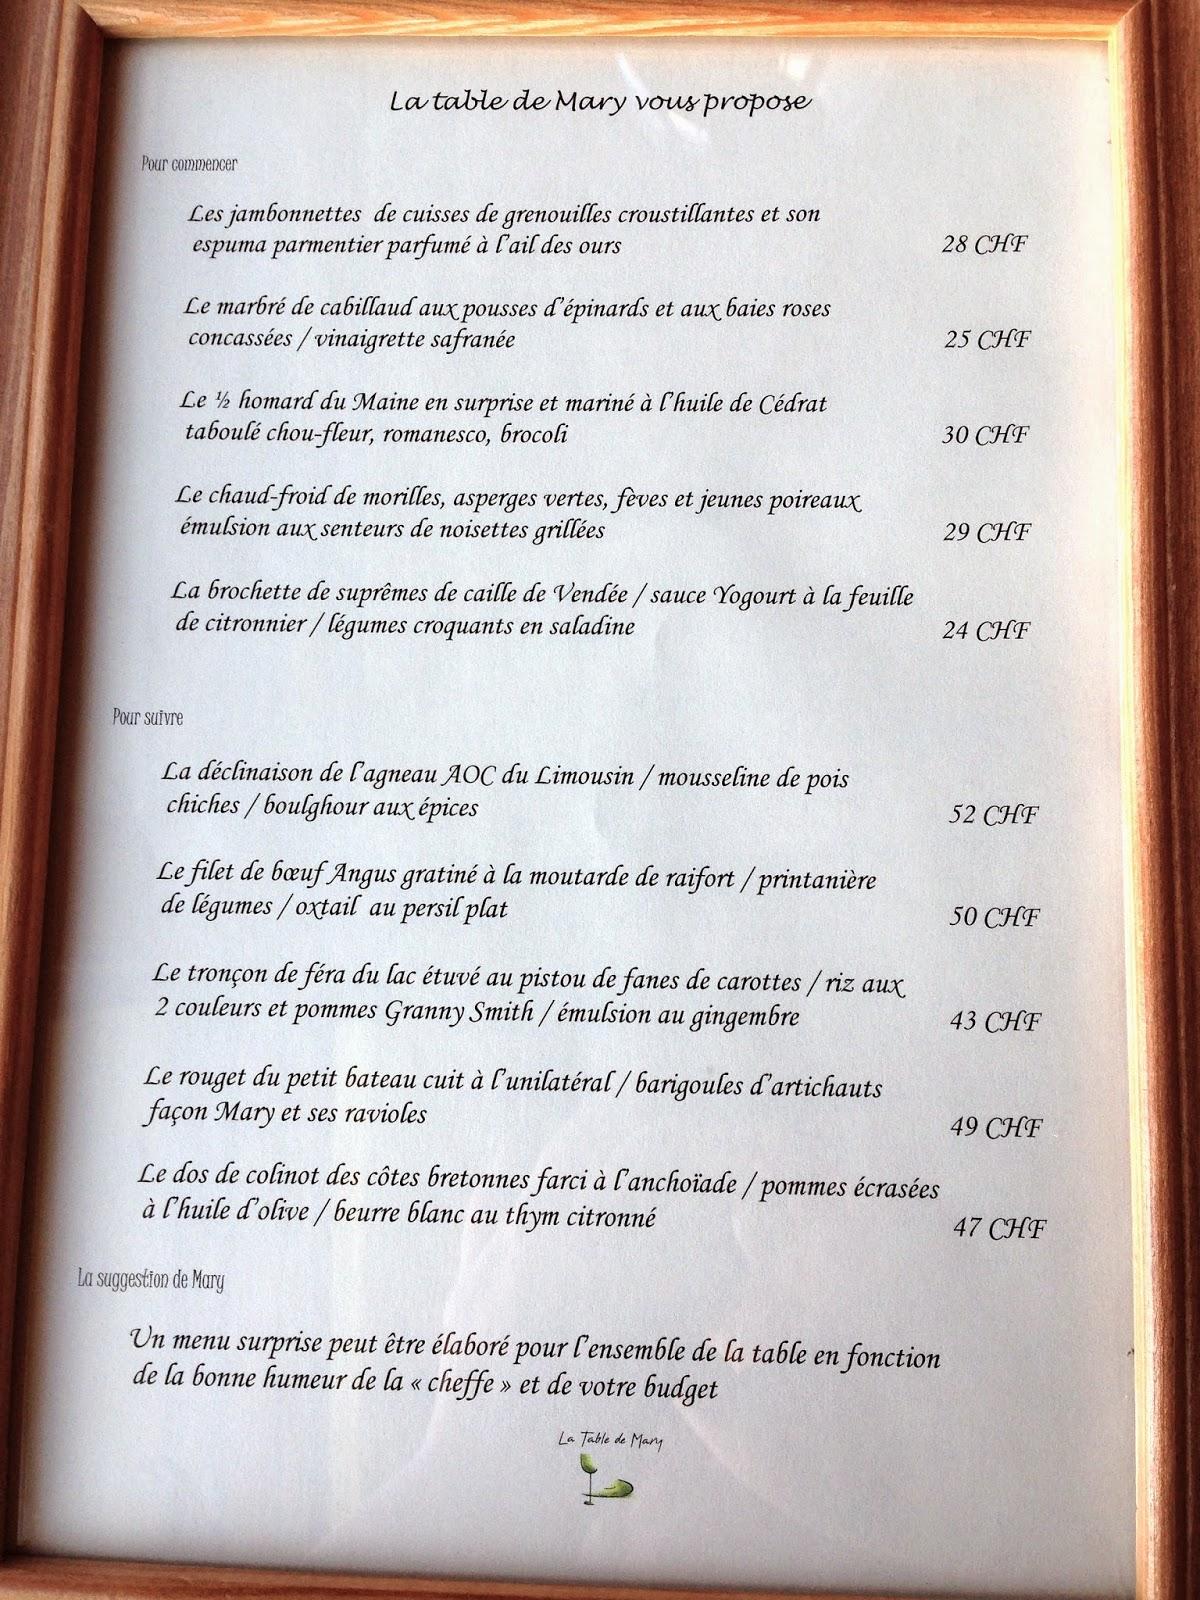 La table de mary funambul in e la table de mary for Table 9 menu